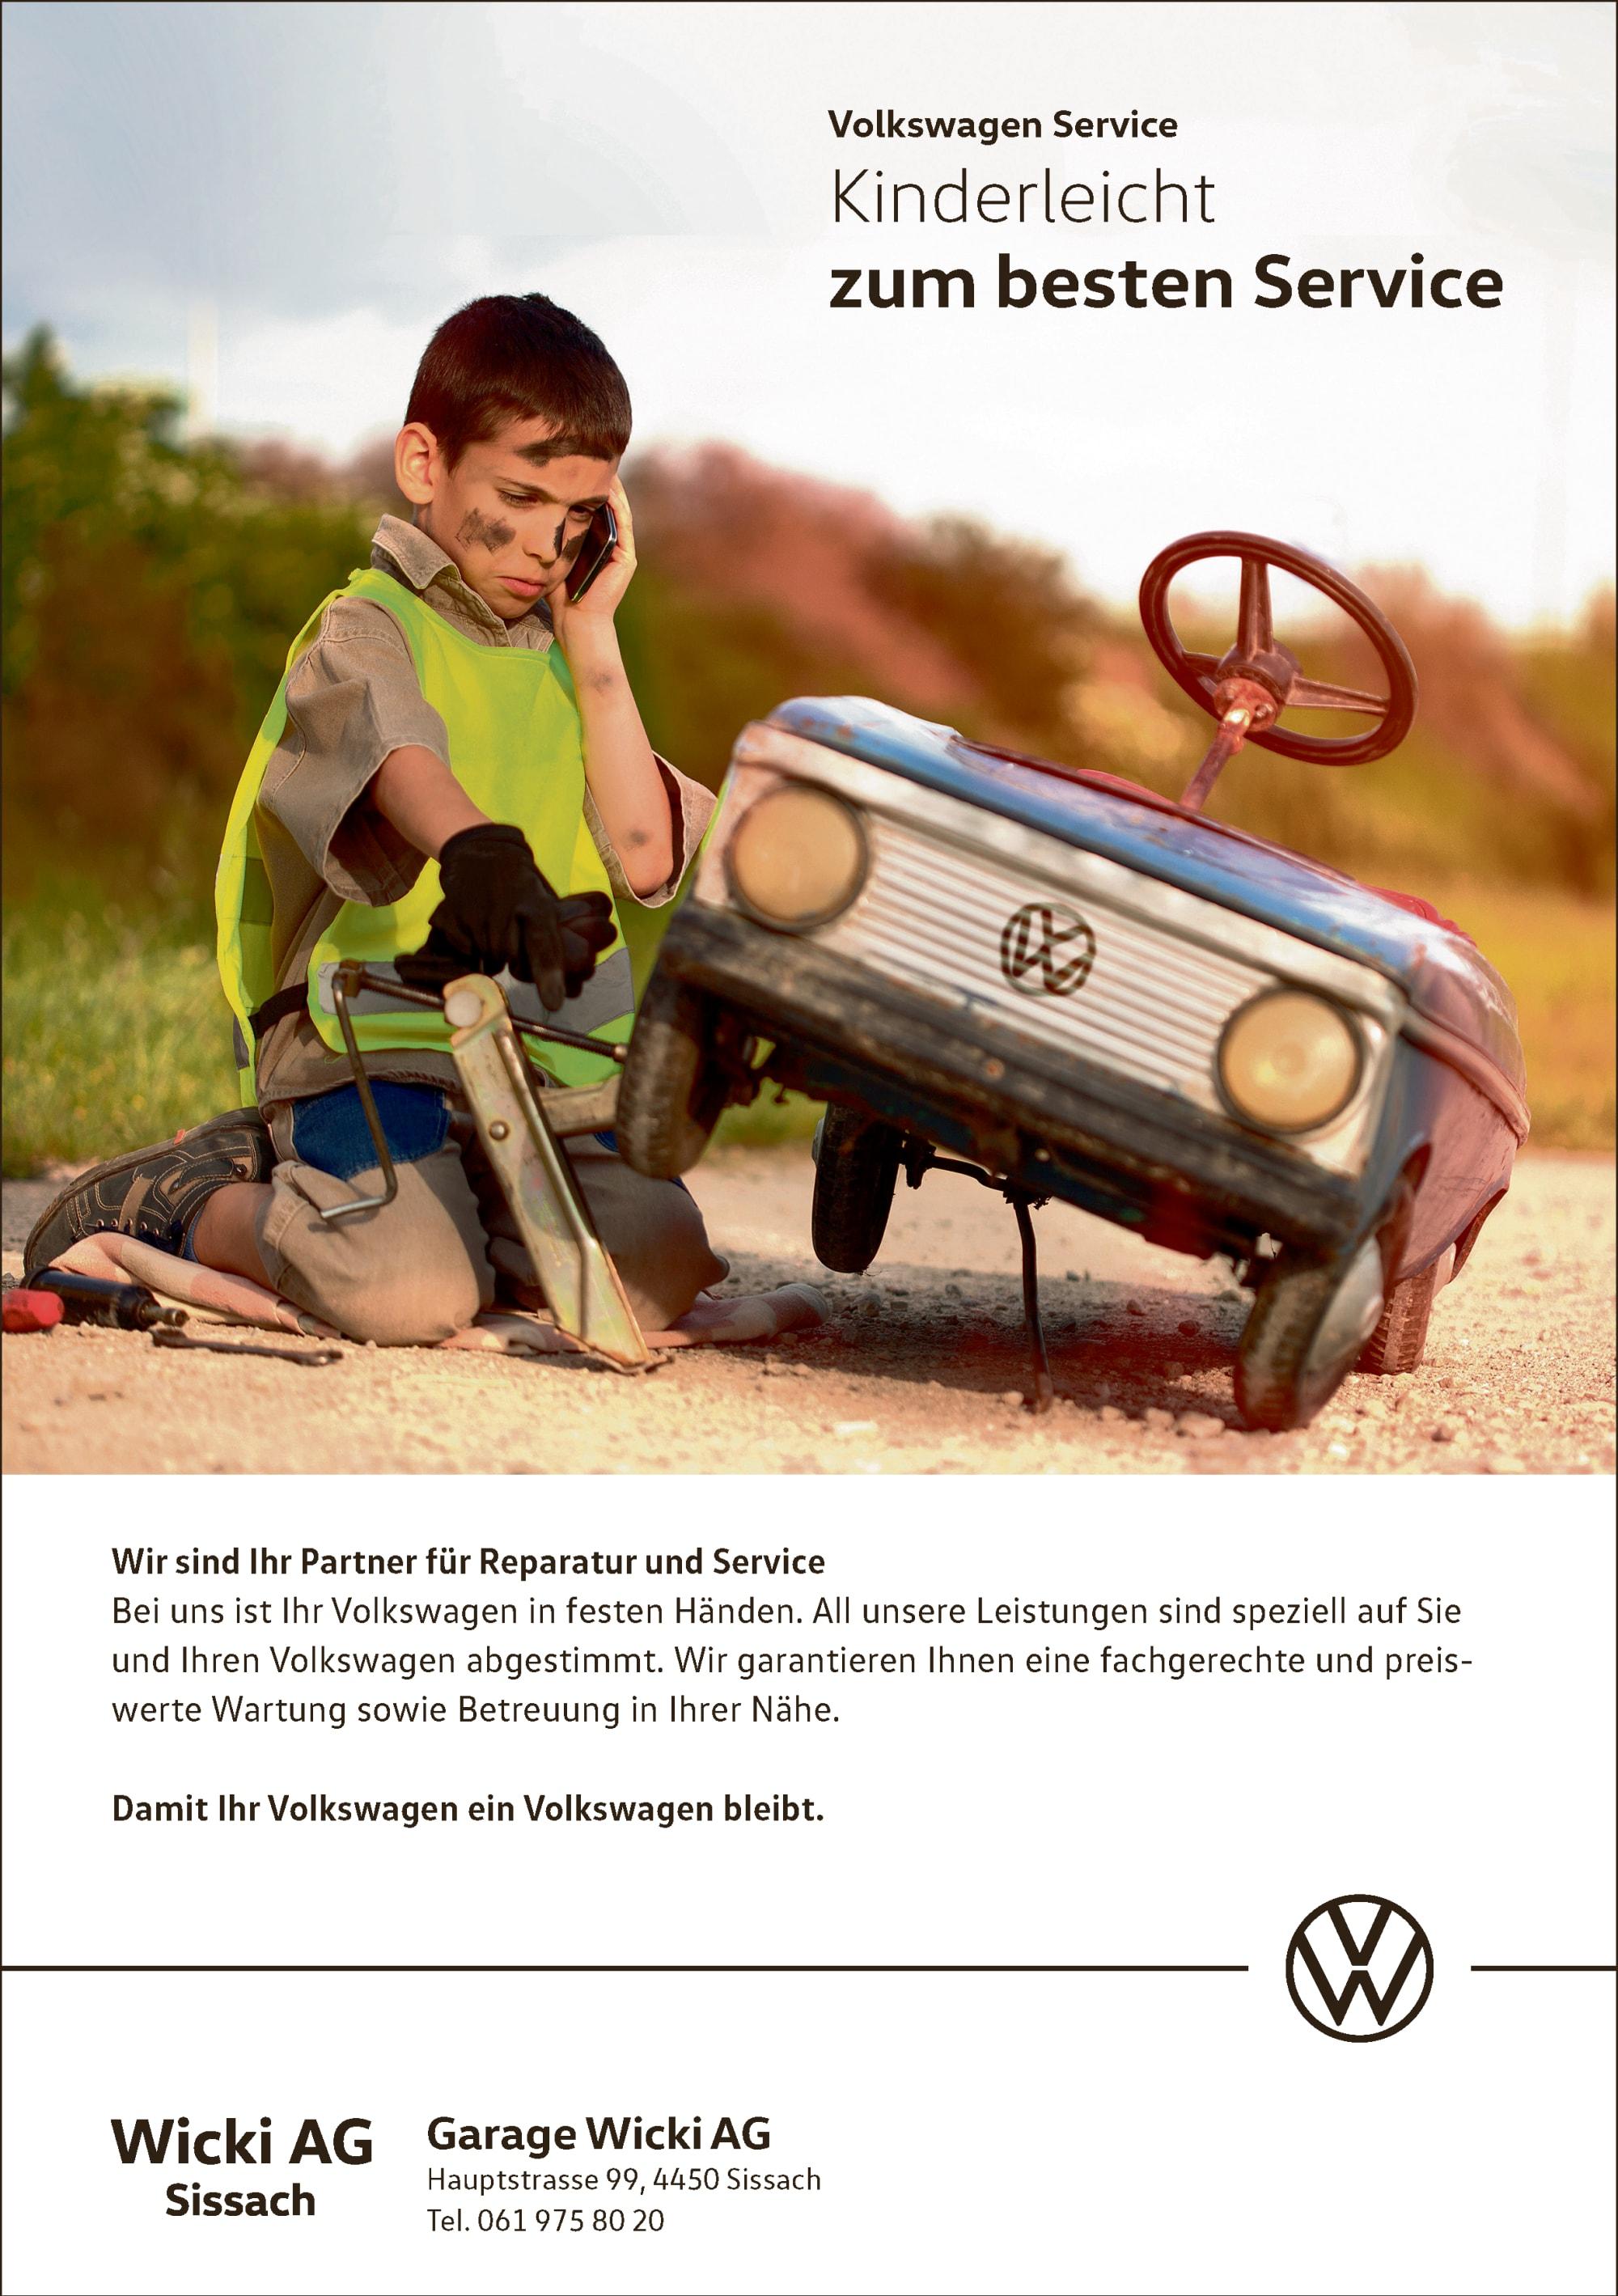 Kopie_von_Aftersales_VW_Inserat_Kinderleicht_148x210_KW40-19_-_DE_RomanWicki